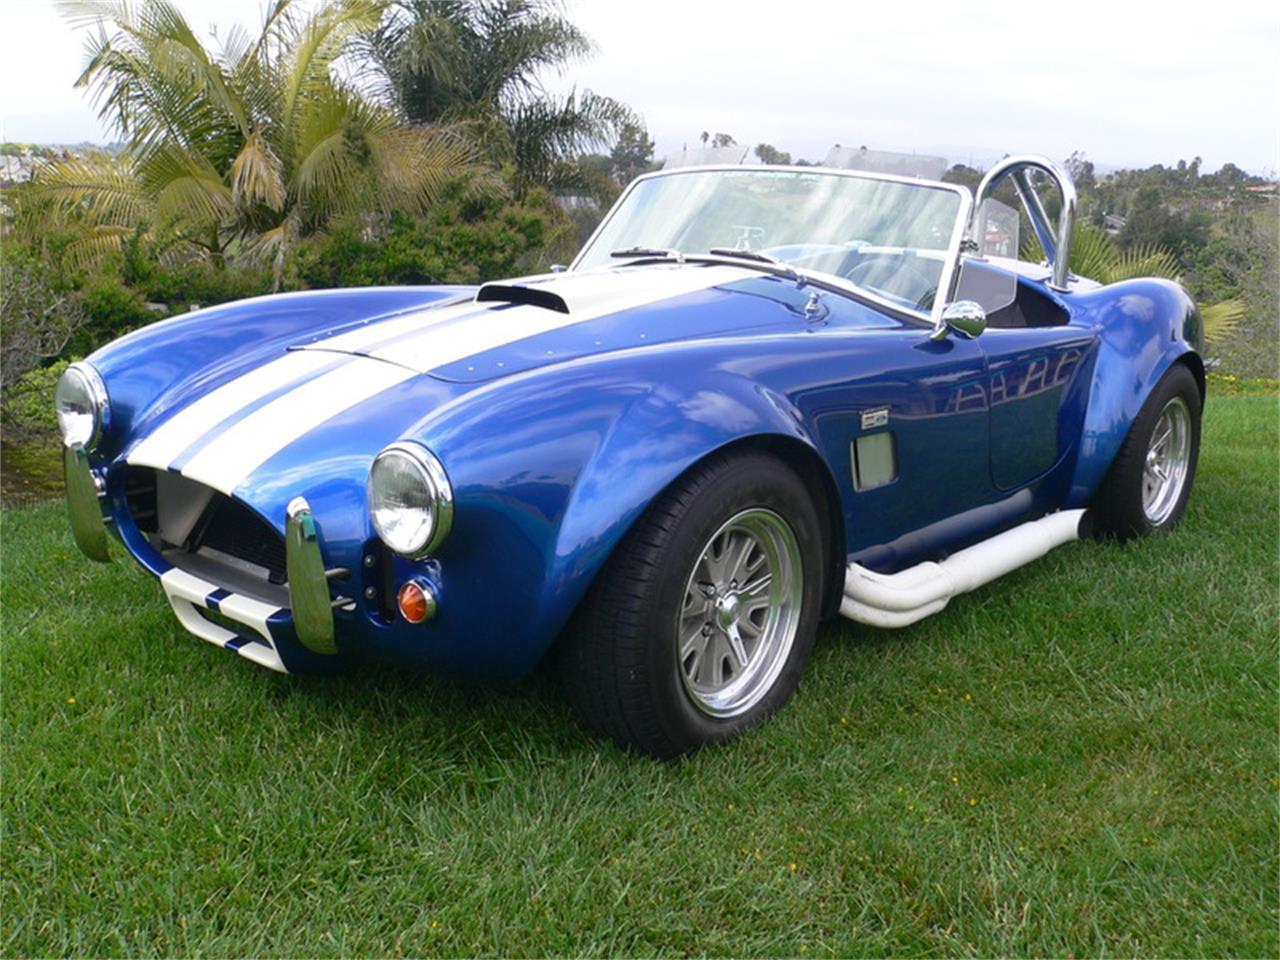 Cobra Kit Car >> 1965 Shelby Cobra Replica For Sale Classiccars Com Cc 1010748